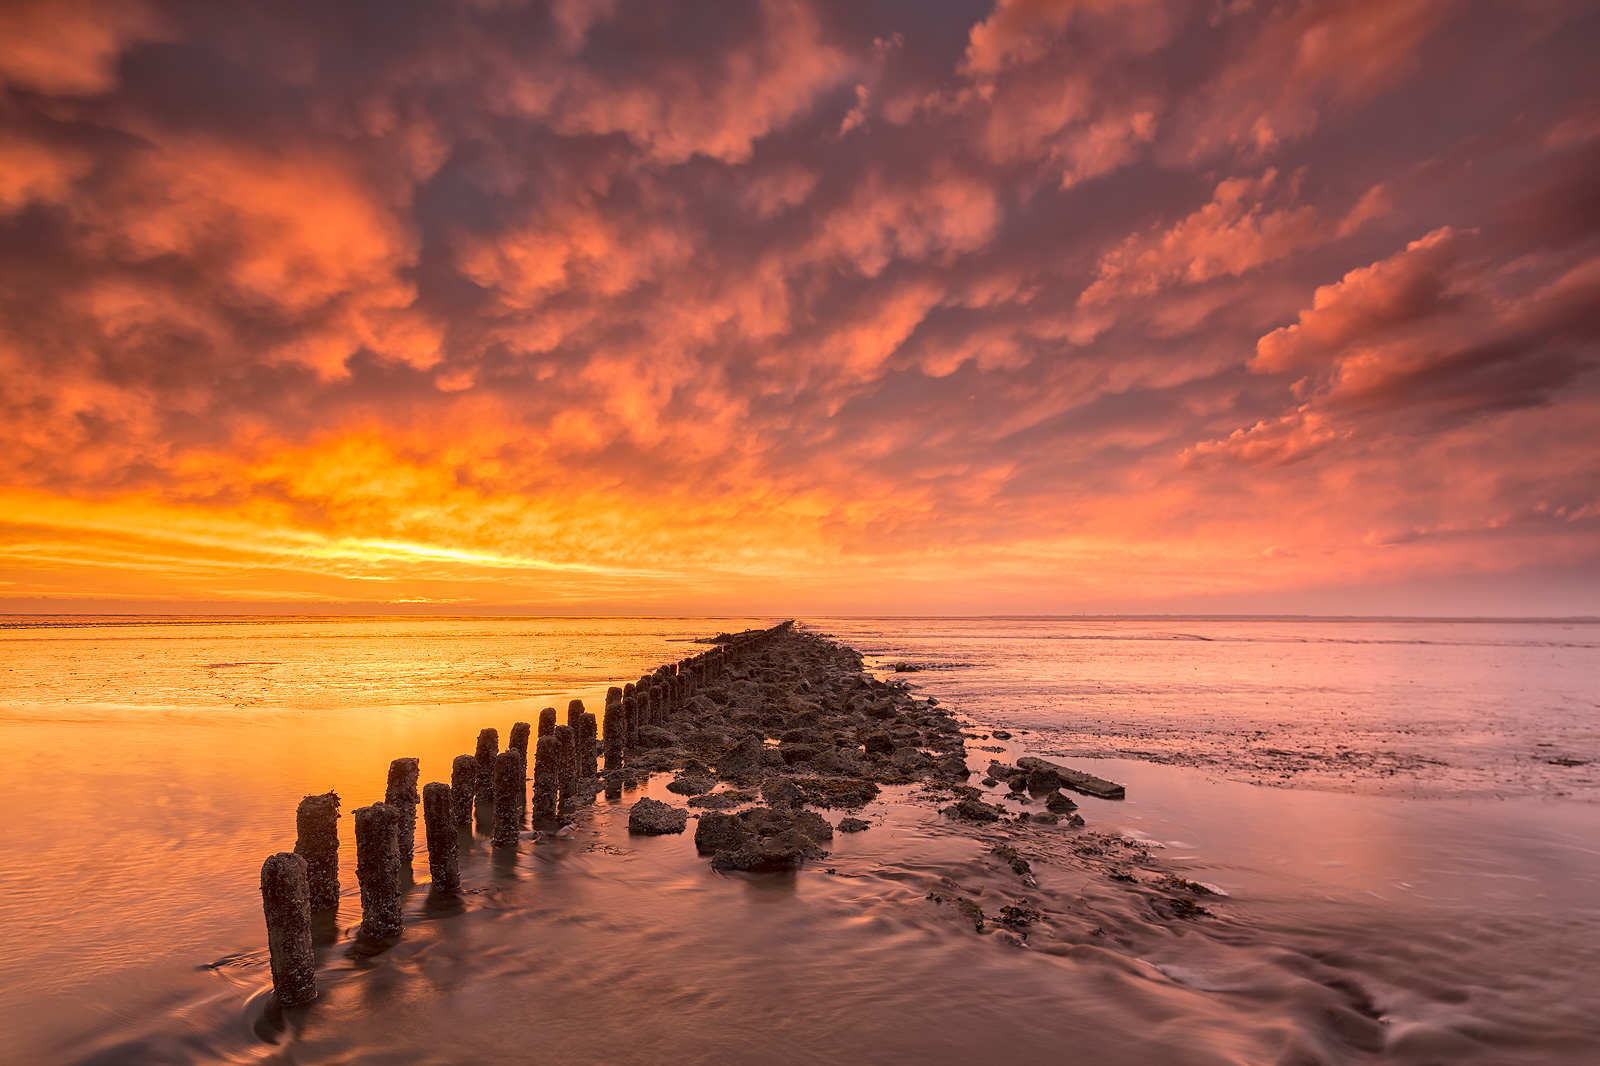 Zonsondergang boven de Waddenzee in Groningen met prachtige kleuren in de lucht.